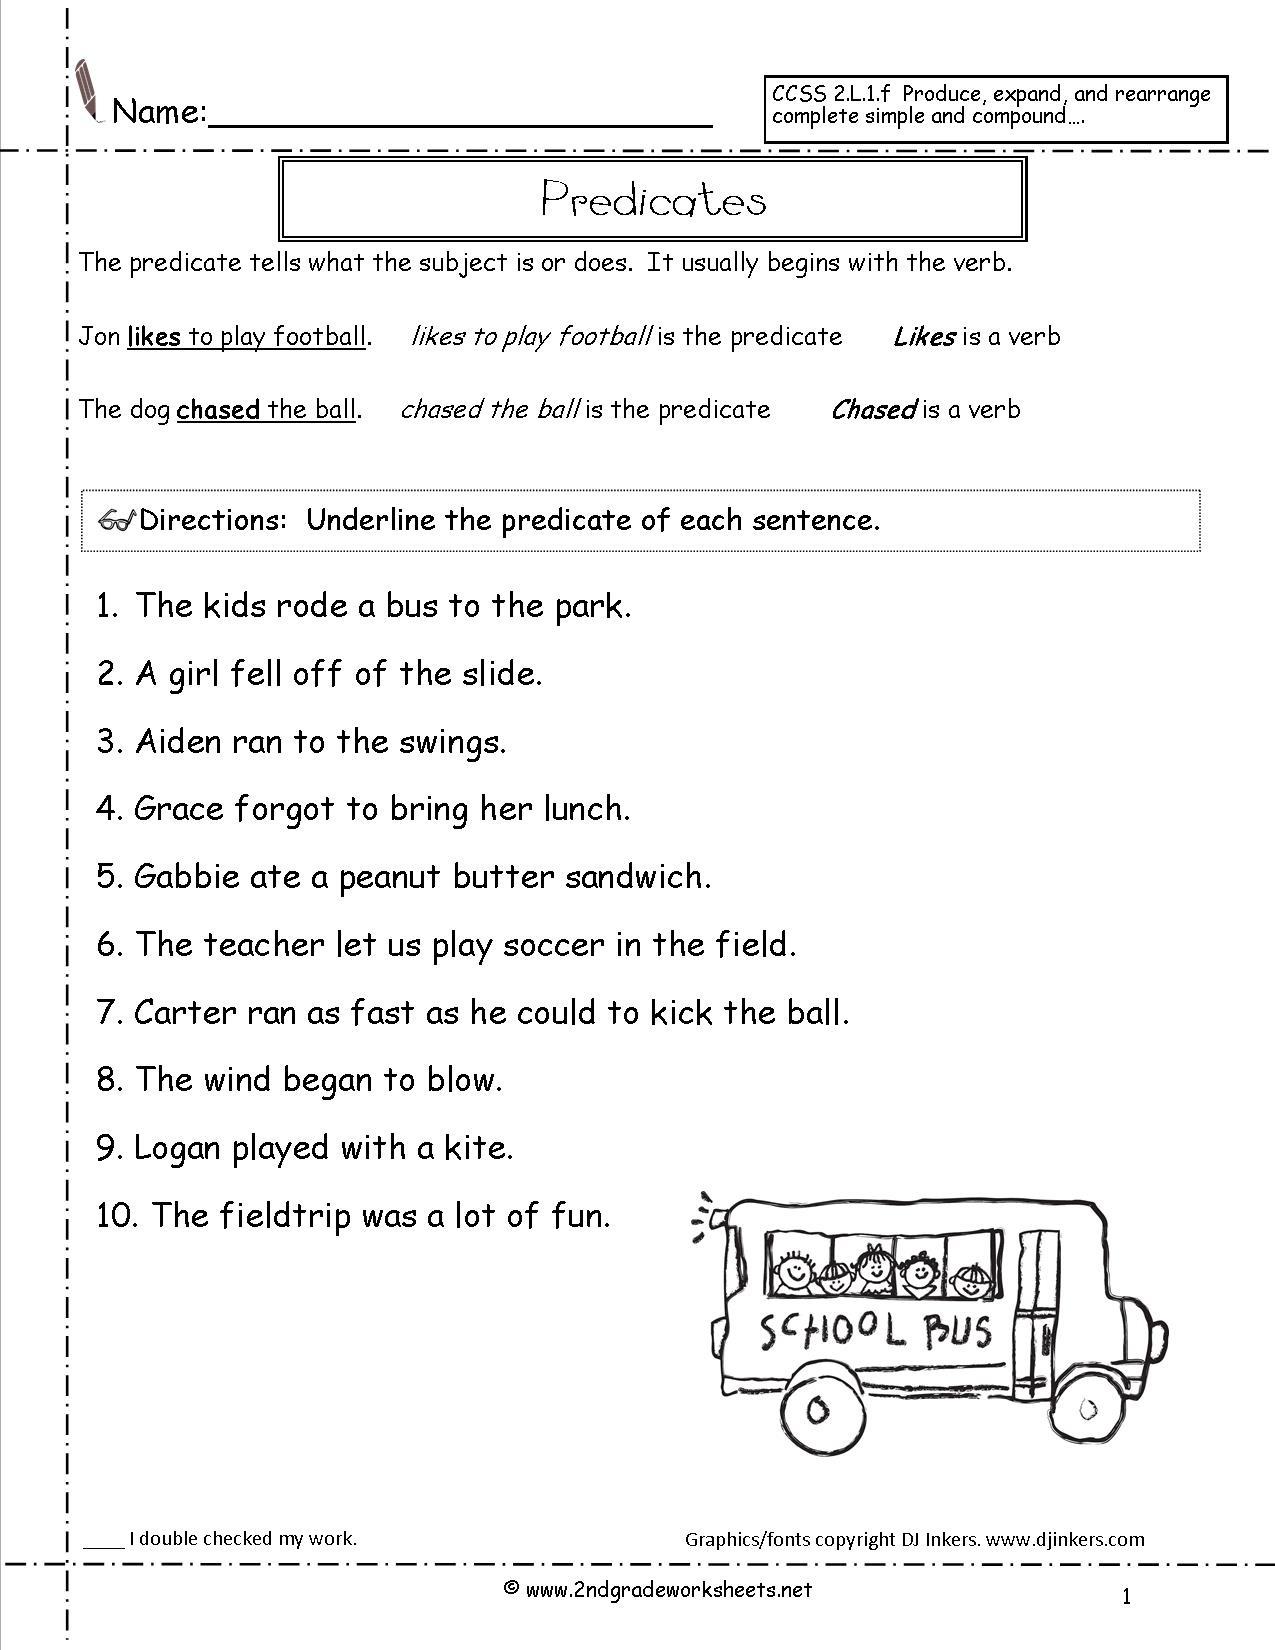 Complete Predicates Worksheet